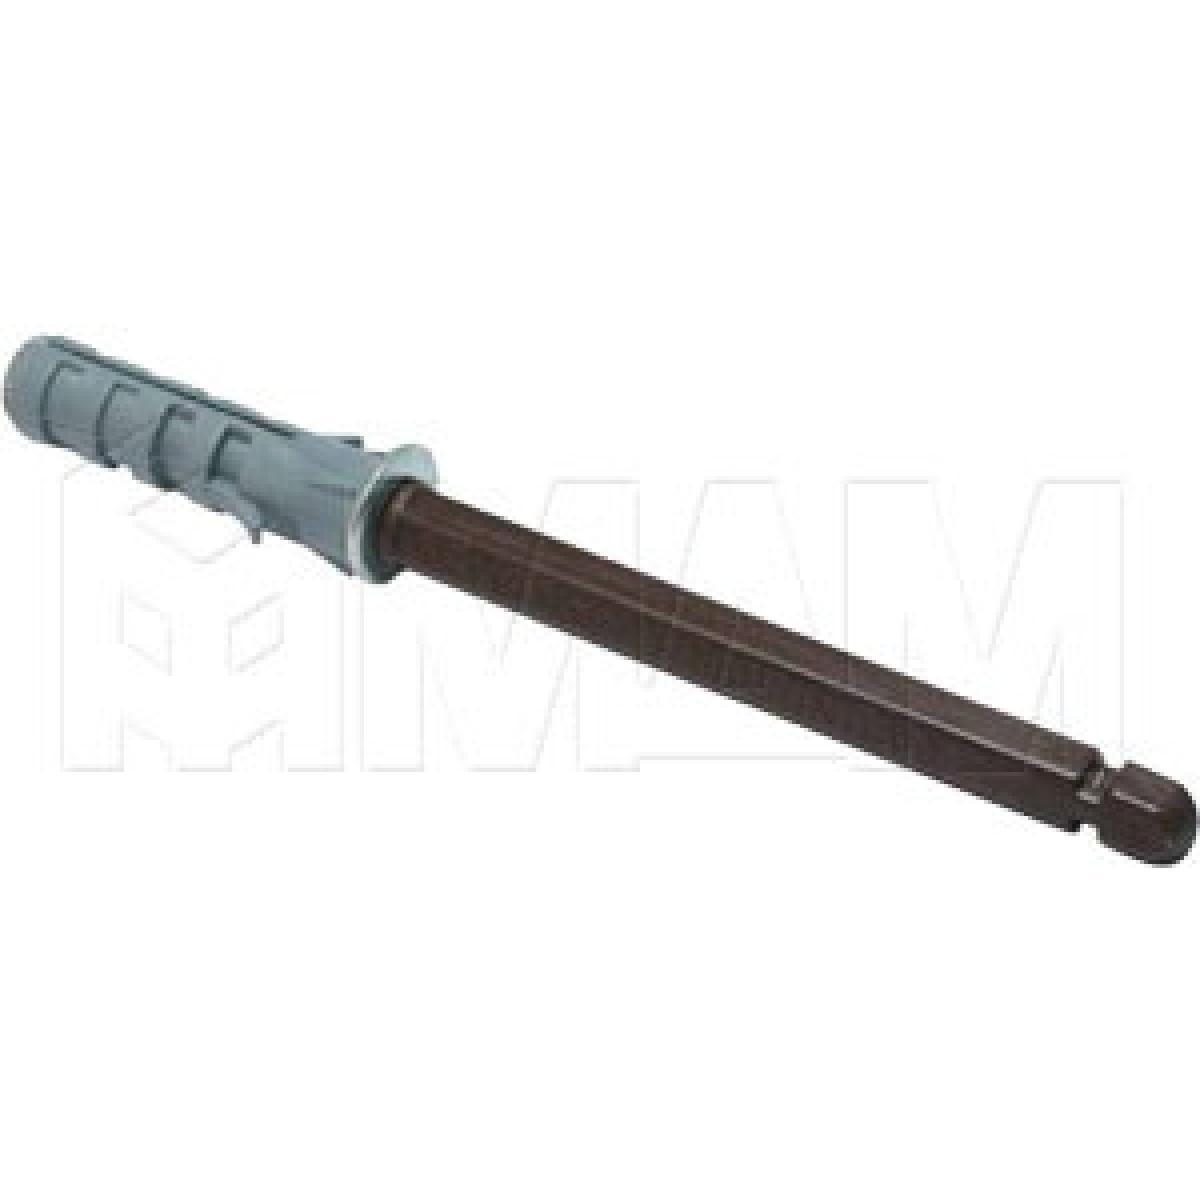 Скрытый менсолодержатель для деревянных полок толщиной от 16 мм